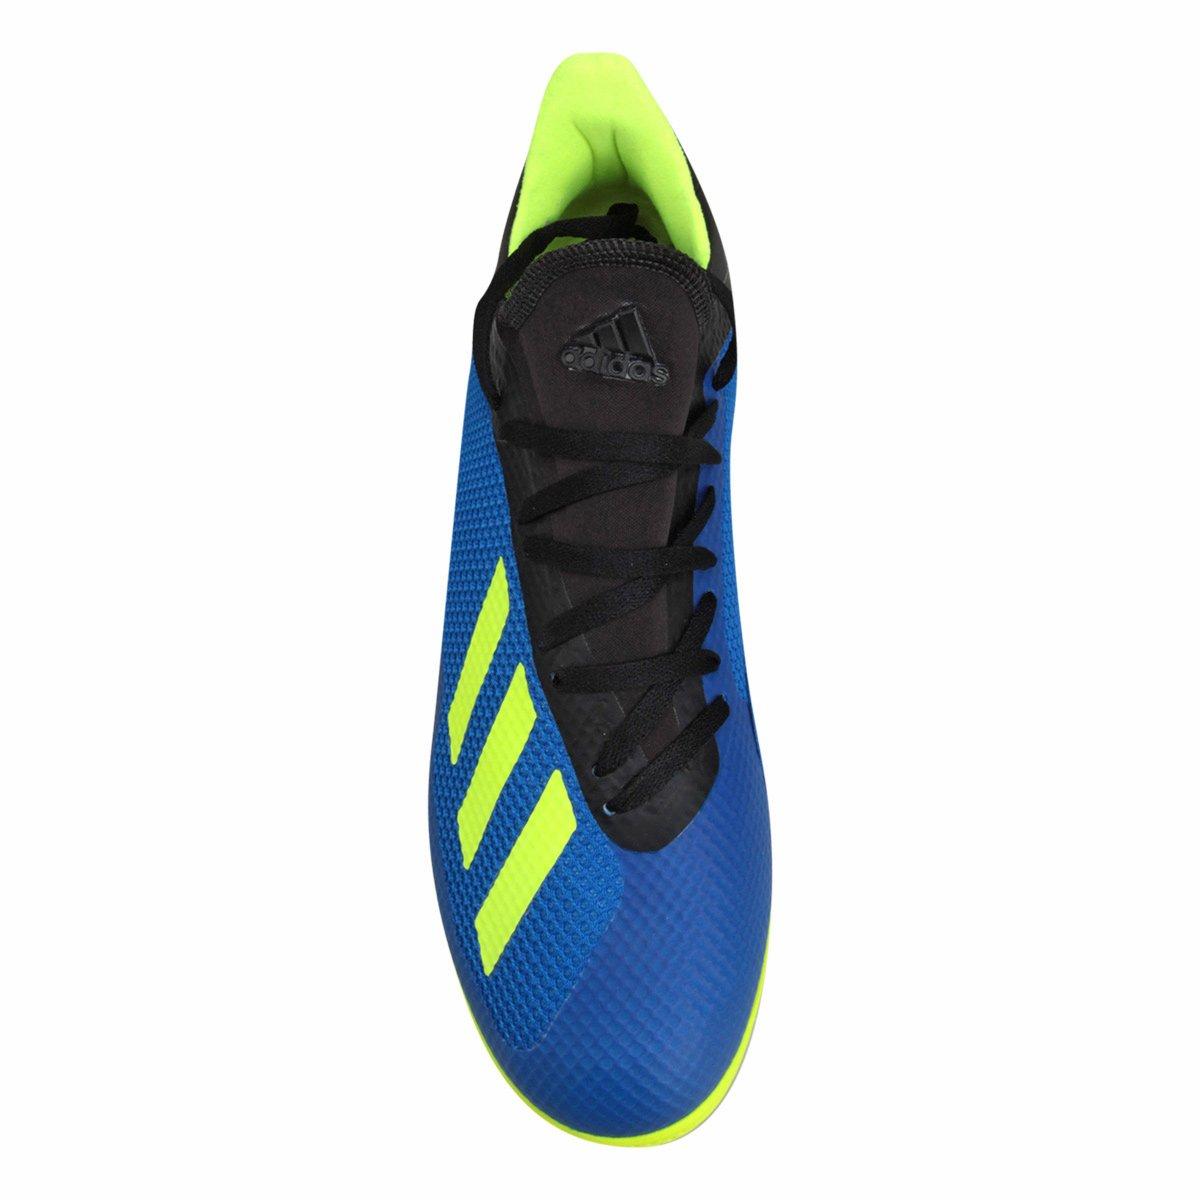 71a7346655 Chuteira Futsal Adidas X Tango 18 3 IN - Azul e amarelo - Compre ...